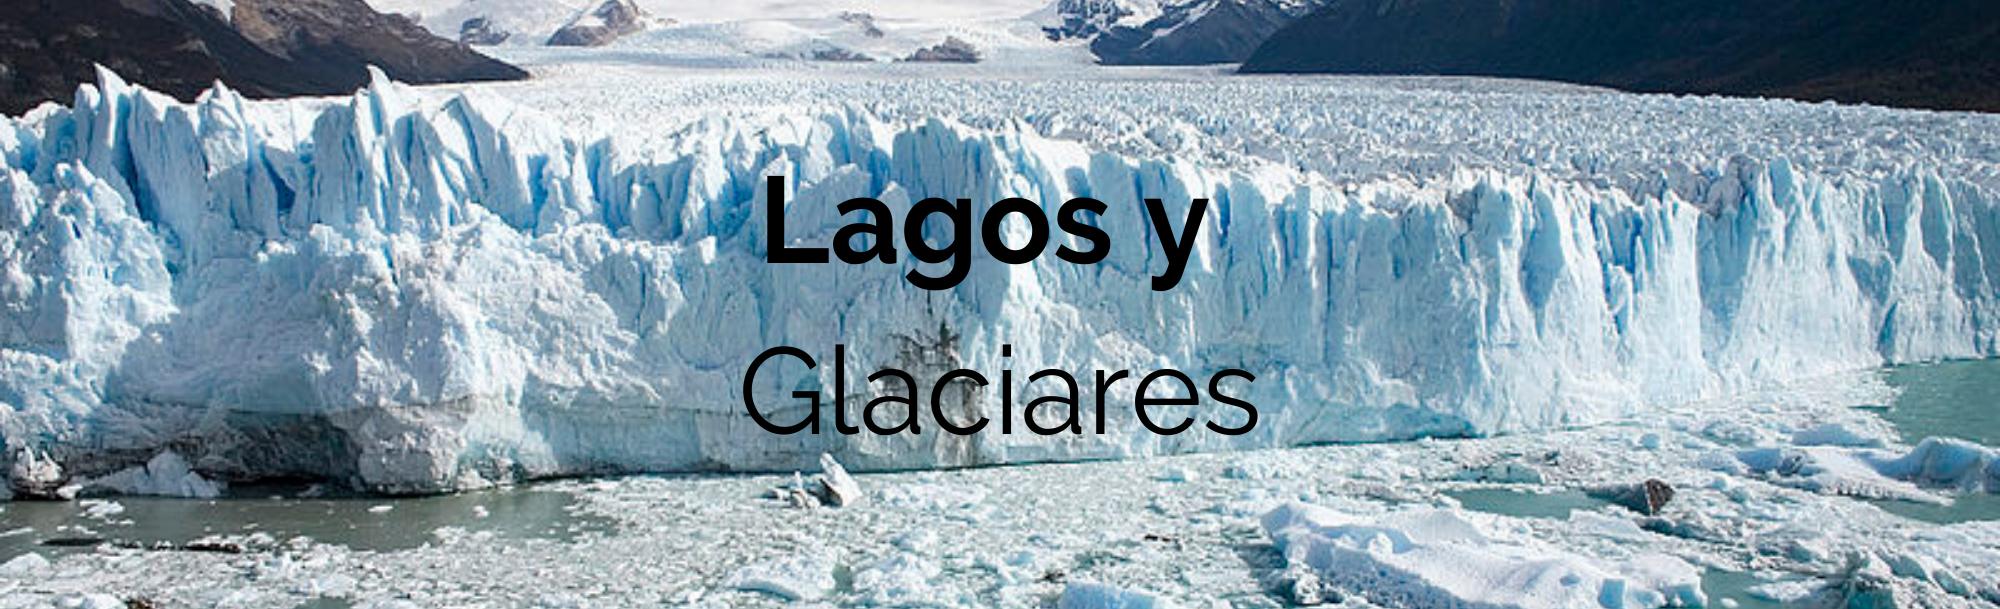 Lagos y Glaciares